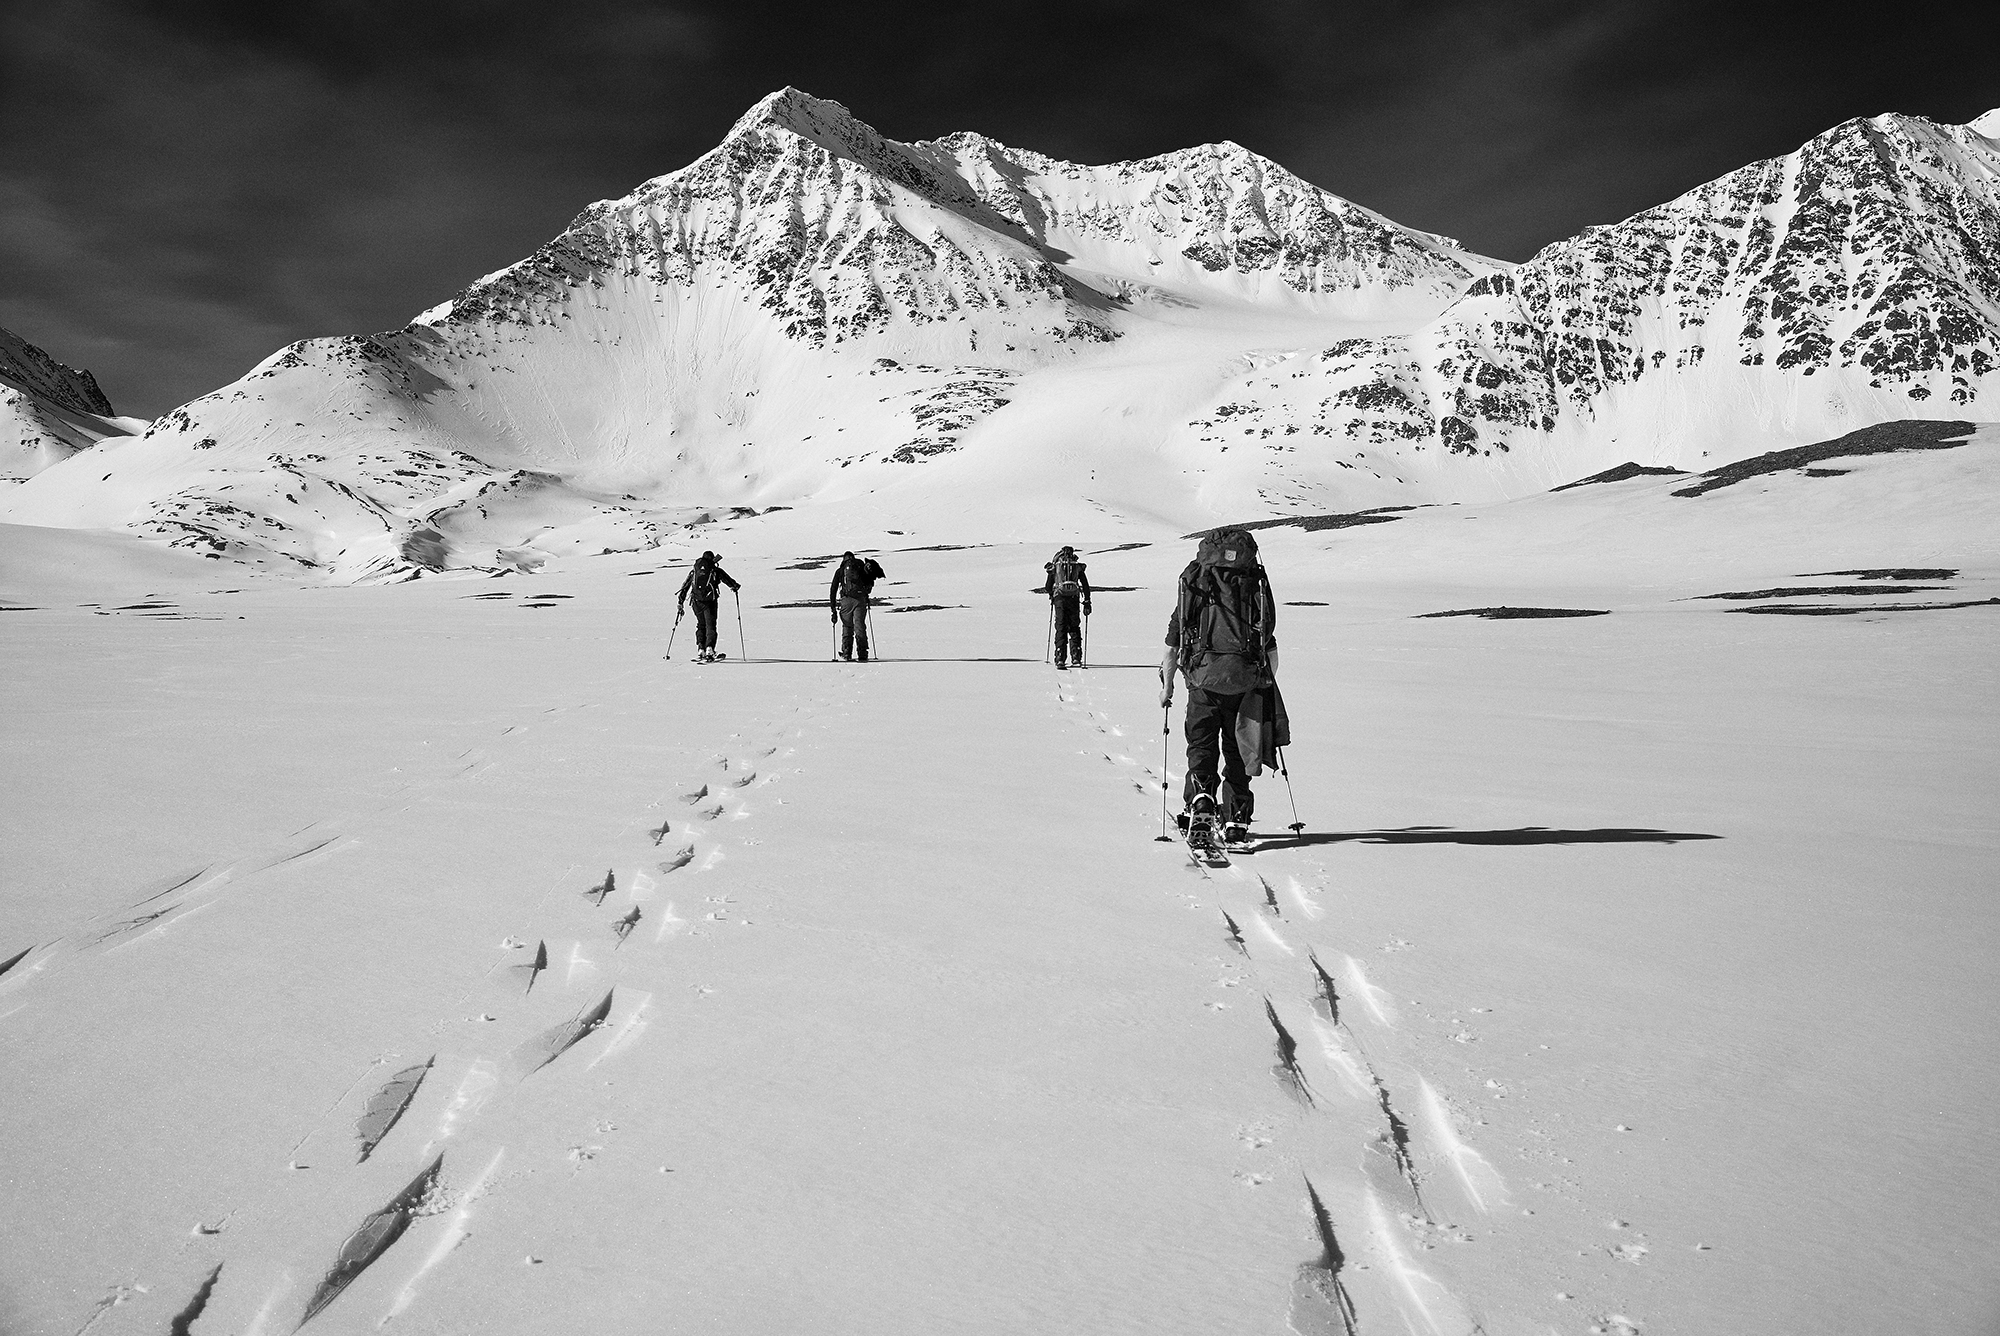 Crew-Svalbard-RamiHanafi-11190.jpg